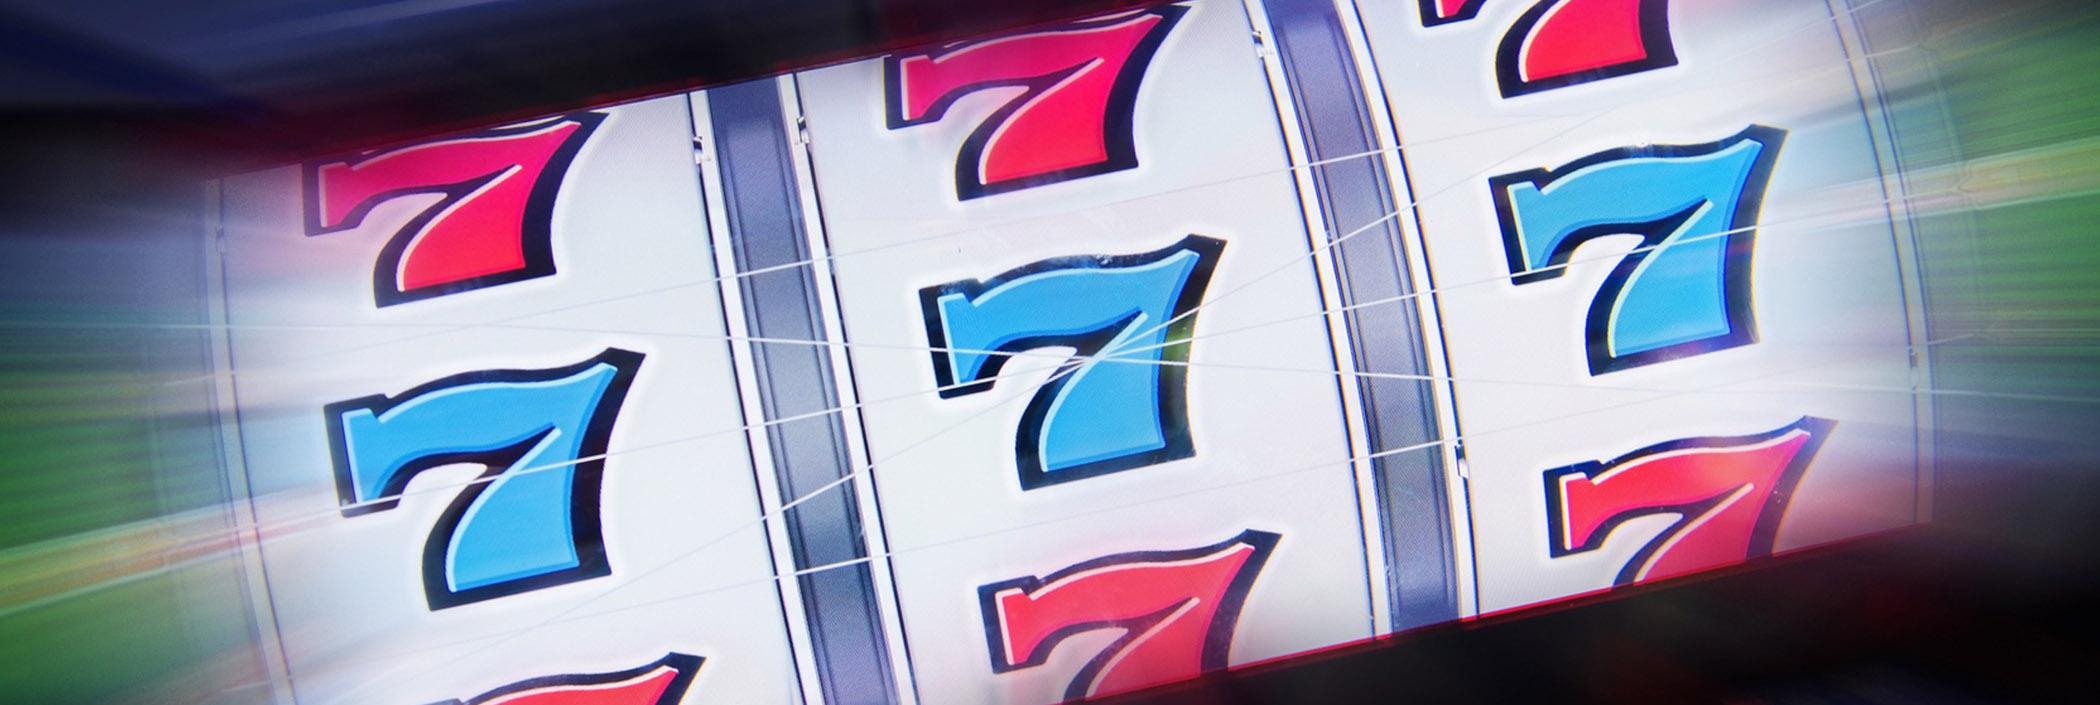 Spielautomaten München